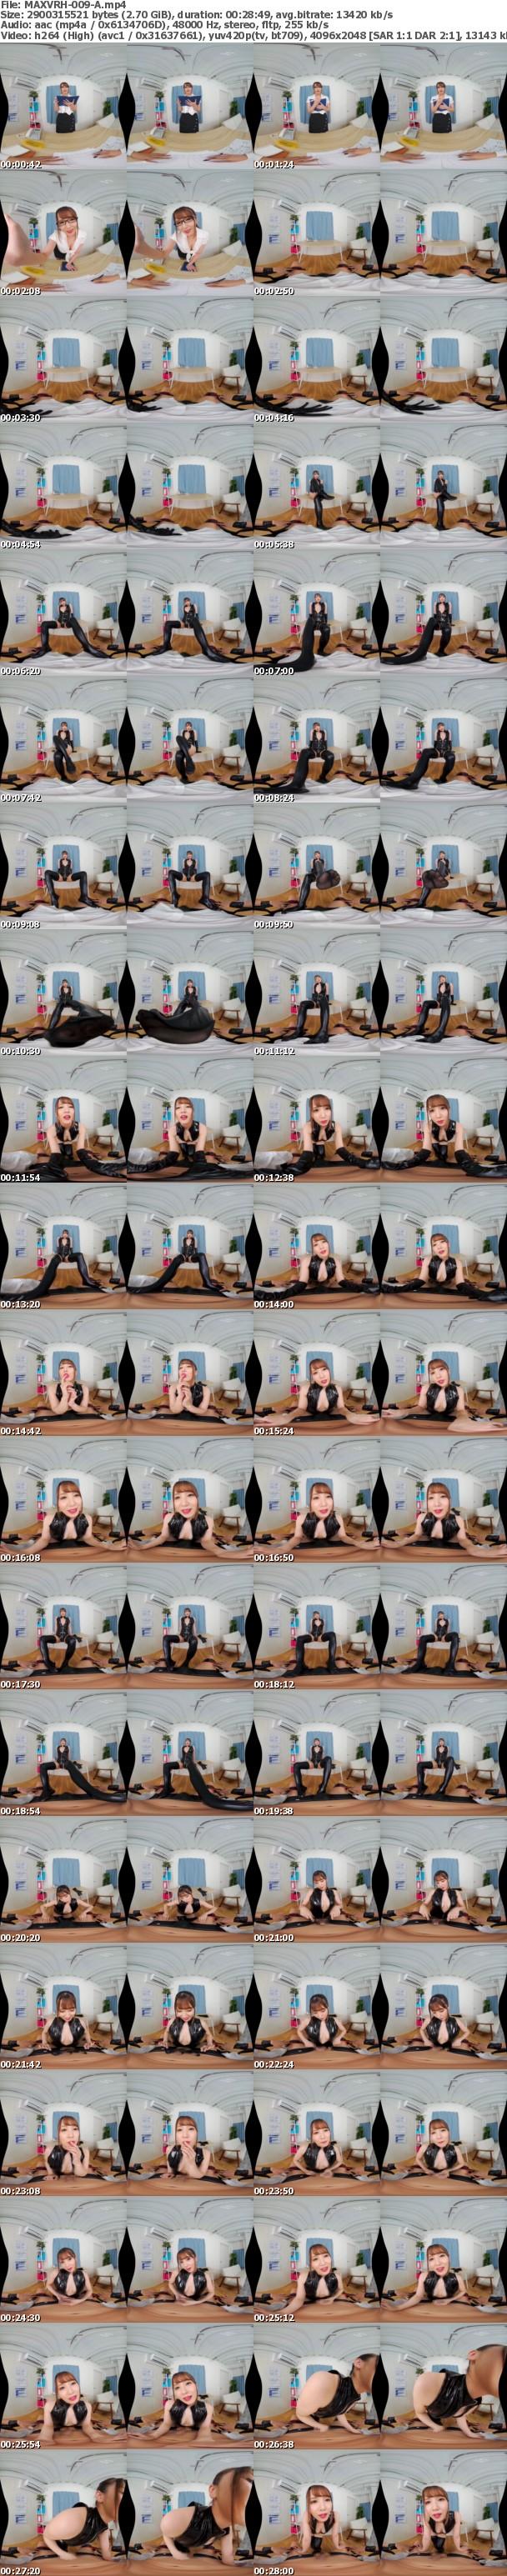 (VR) MAXVRH-009 HQ 60fps 社長秘書の友田彩也香が悩殺!変態社長に社長室で過剰サービス!!超接写でガン見過激プレイ!!